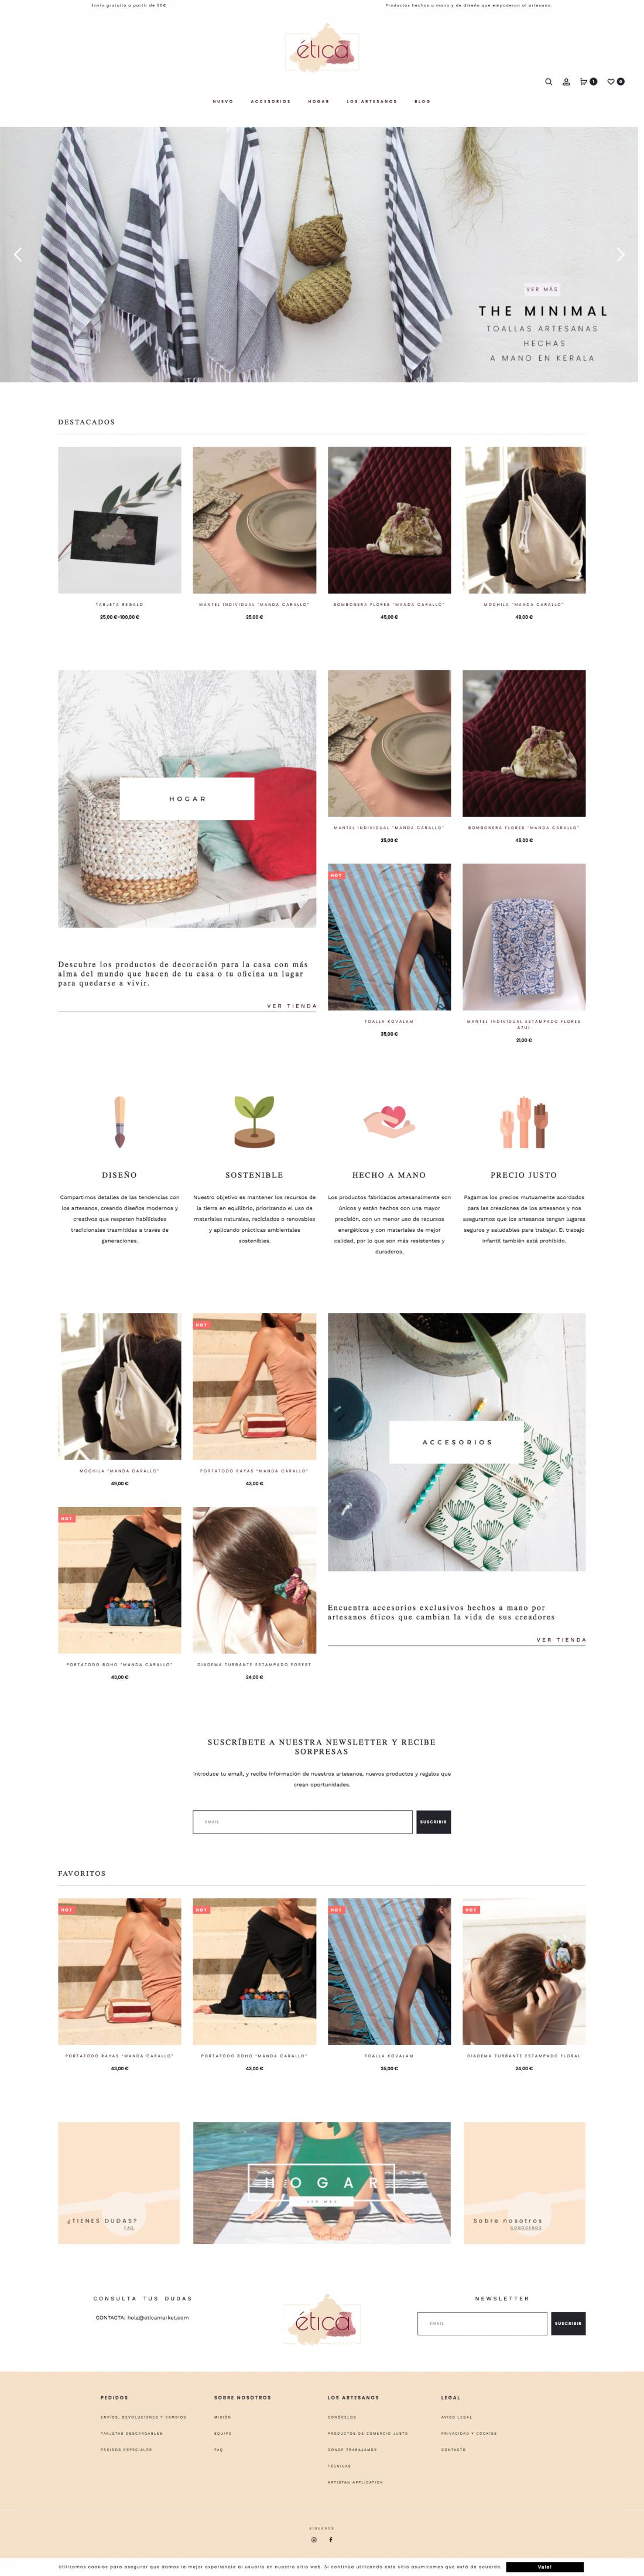 diseño-tienda-online-diseño-web